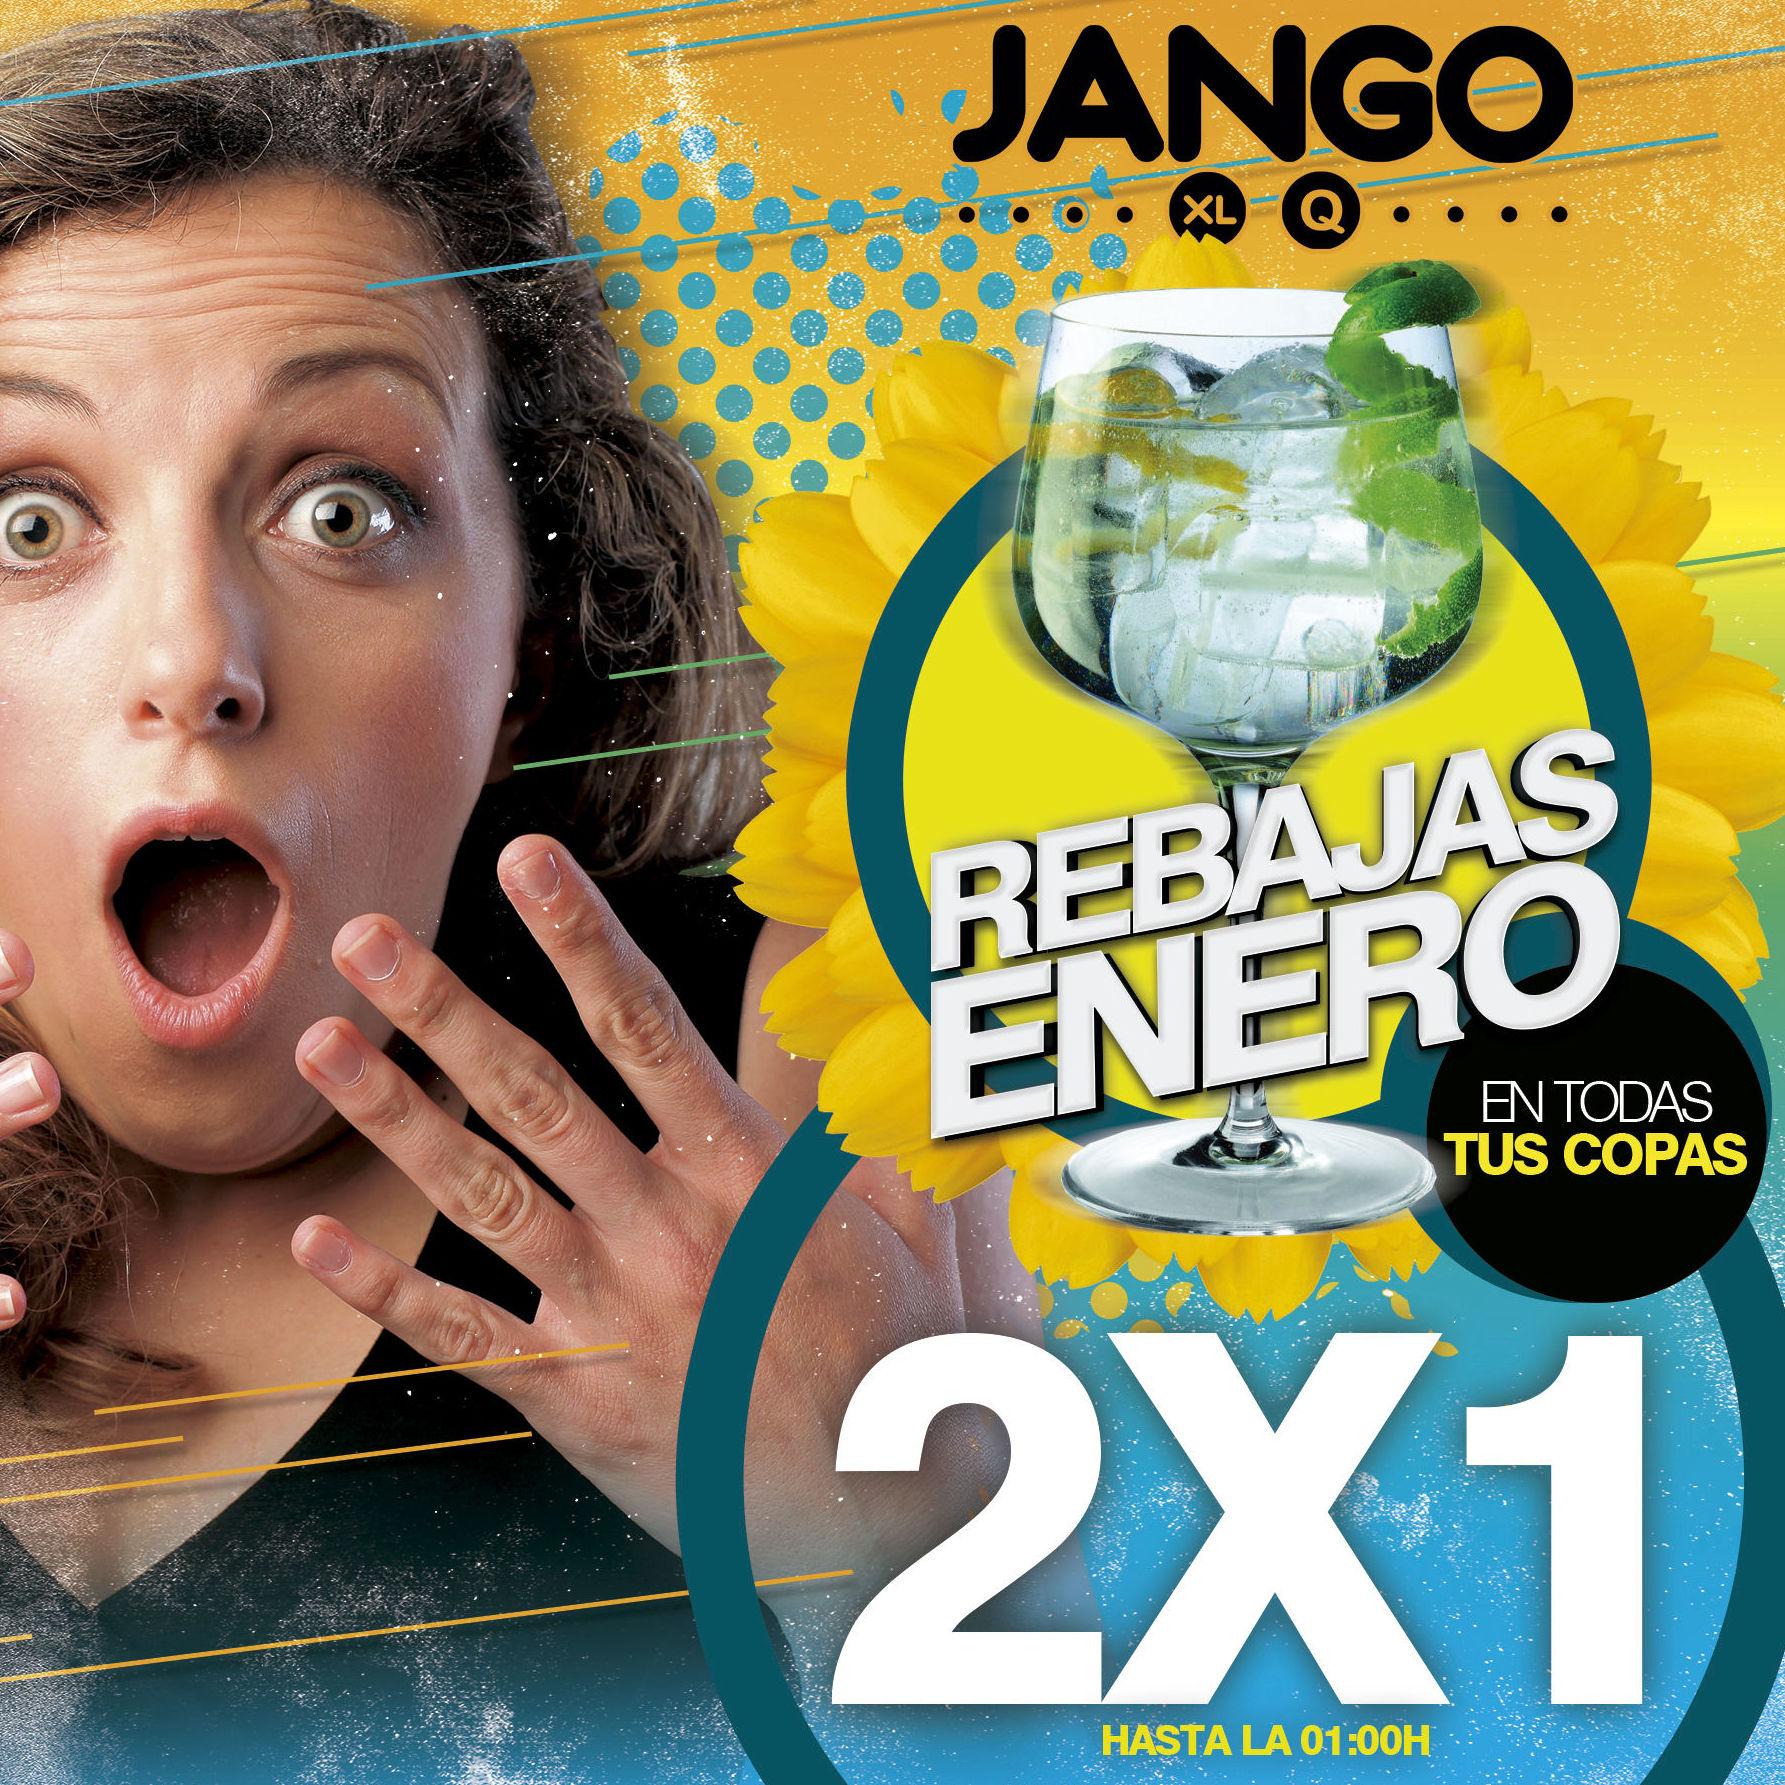 Rebajas de enero en Jango XL